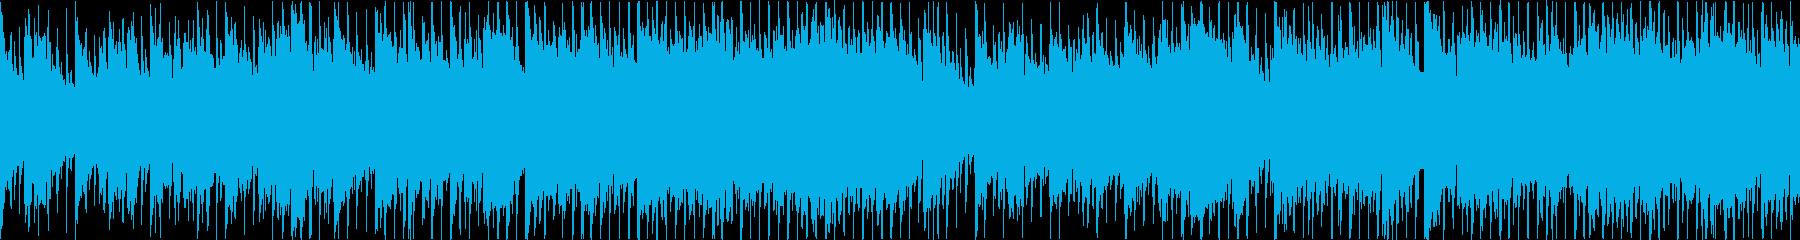 疾走感のあるお洒落なピアノハウスの再生済みの波形